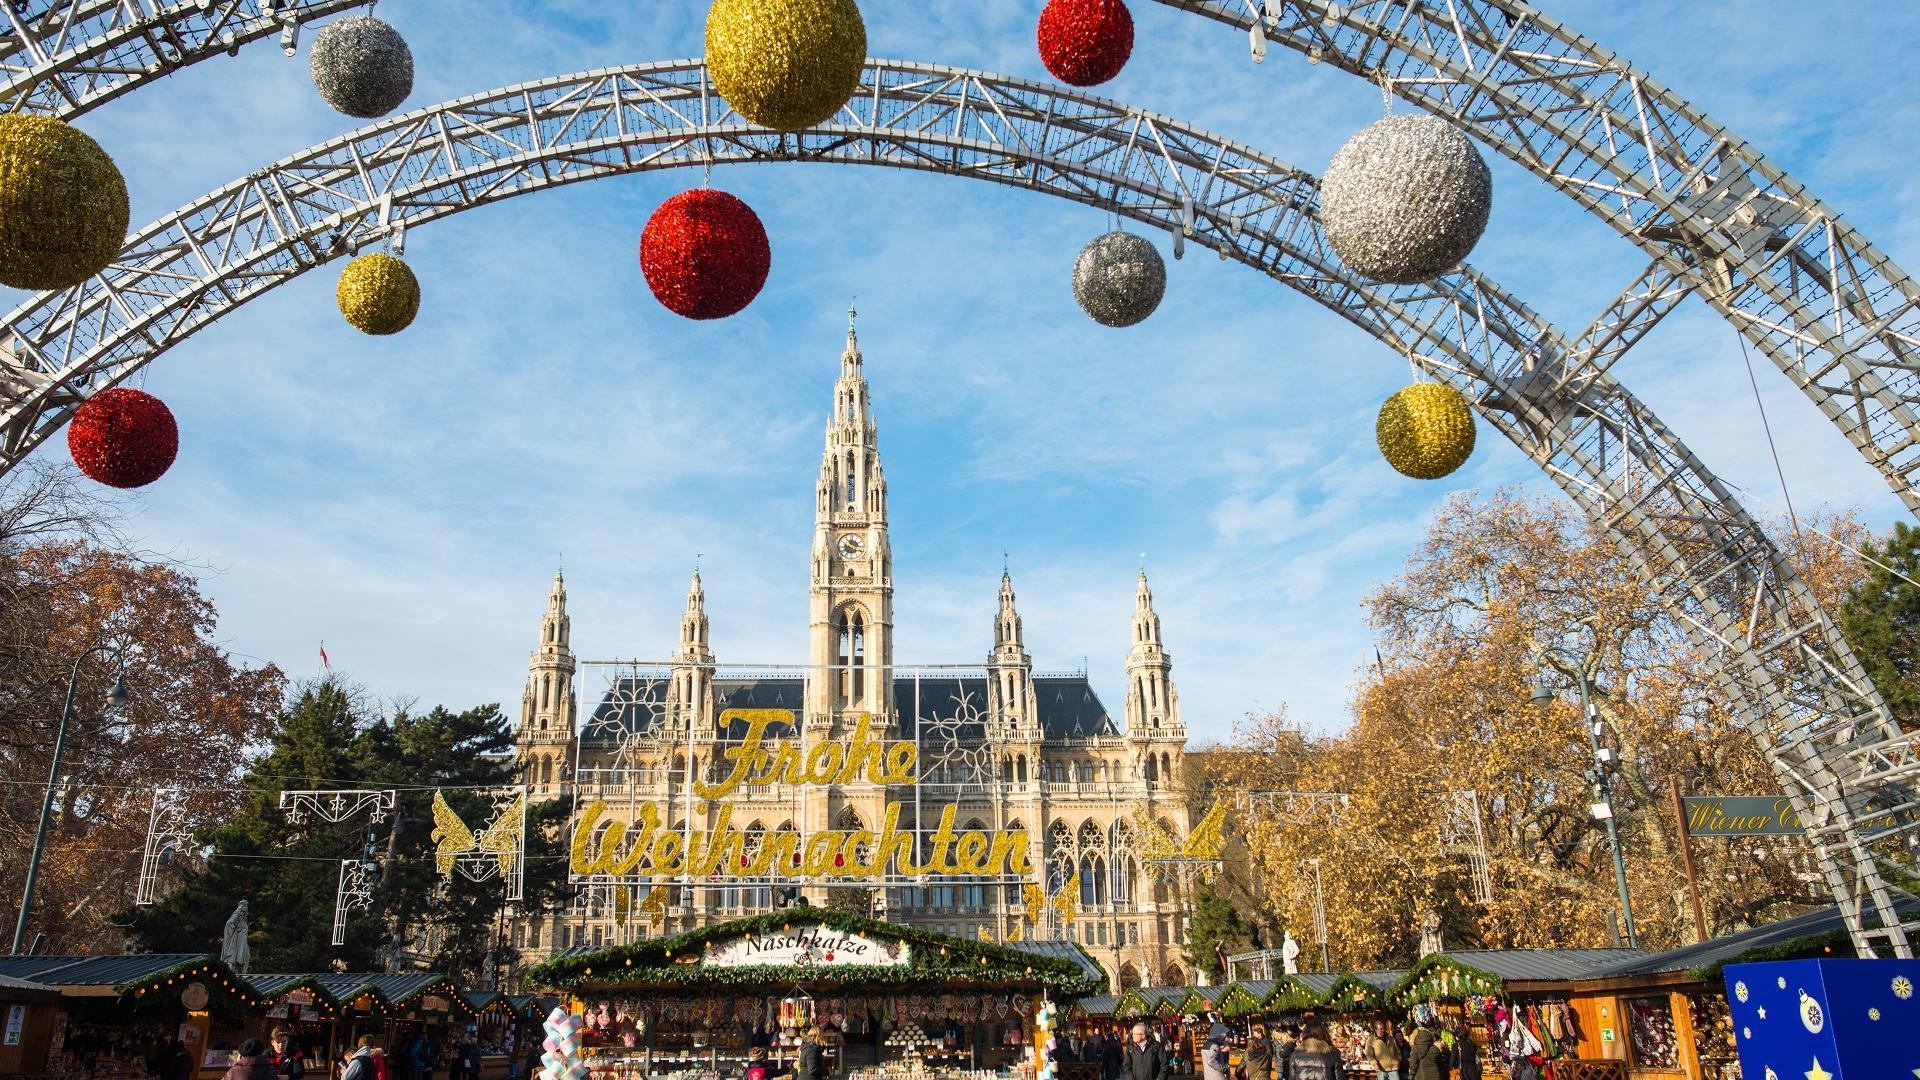 Christkindlmarkt in Wien